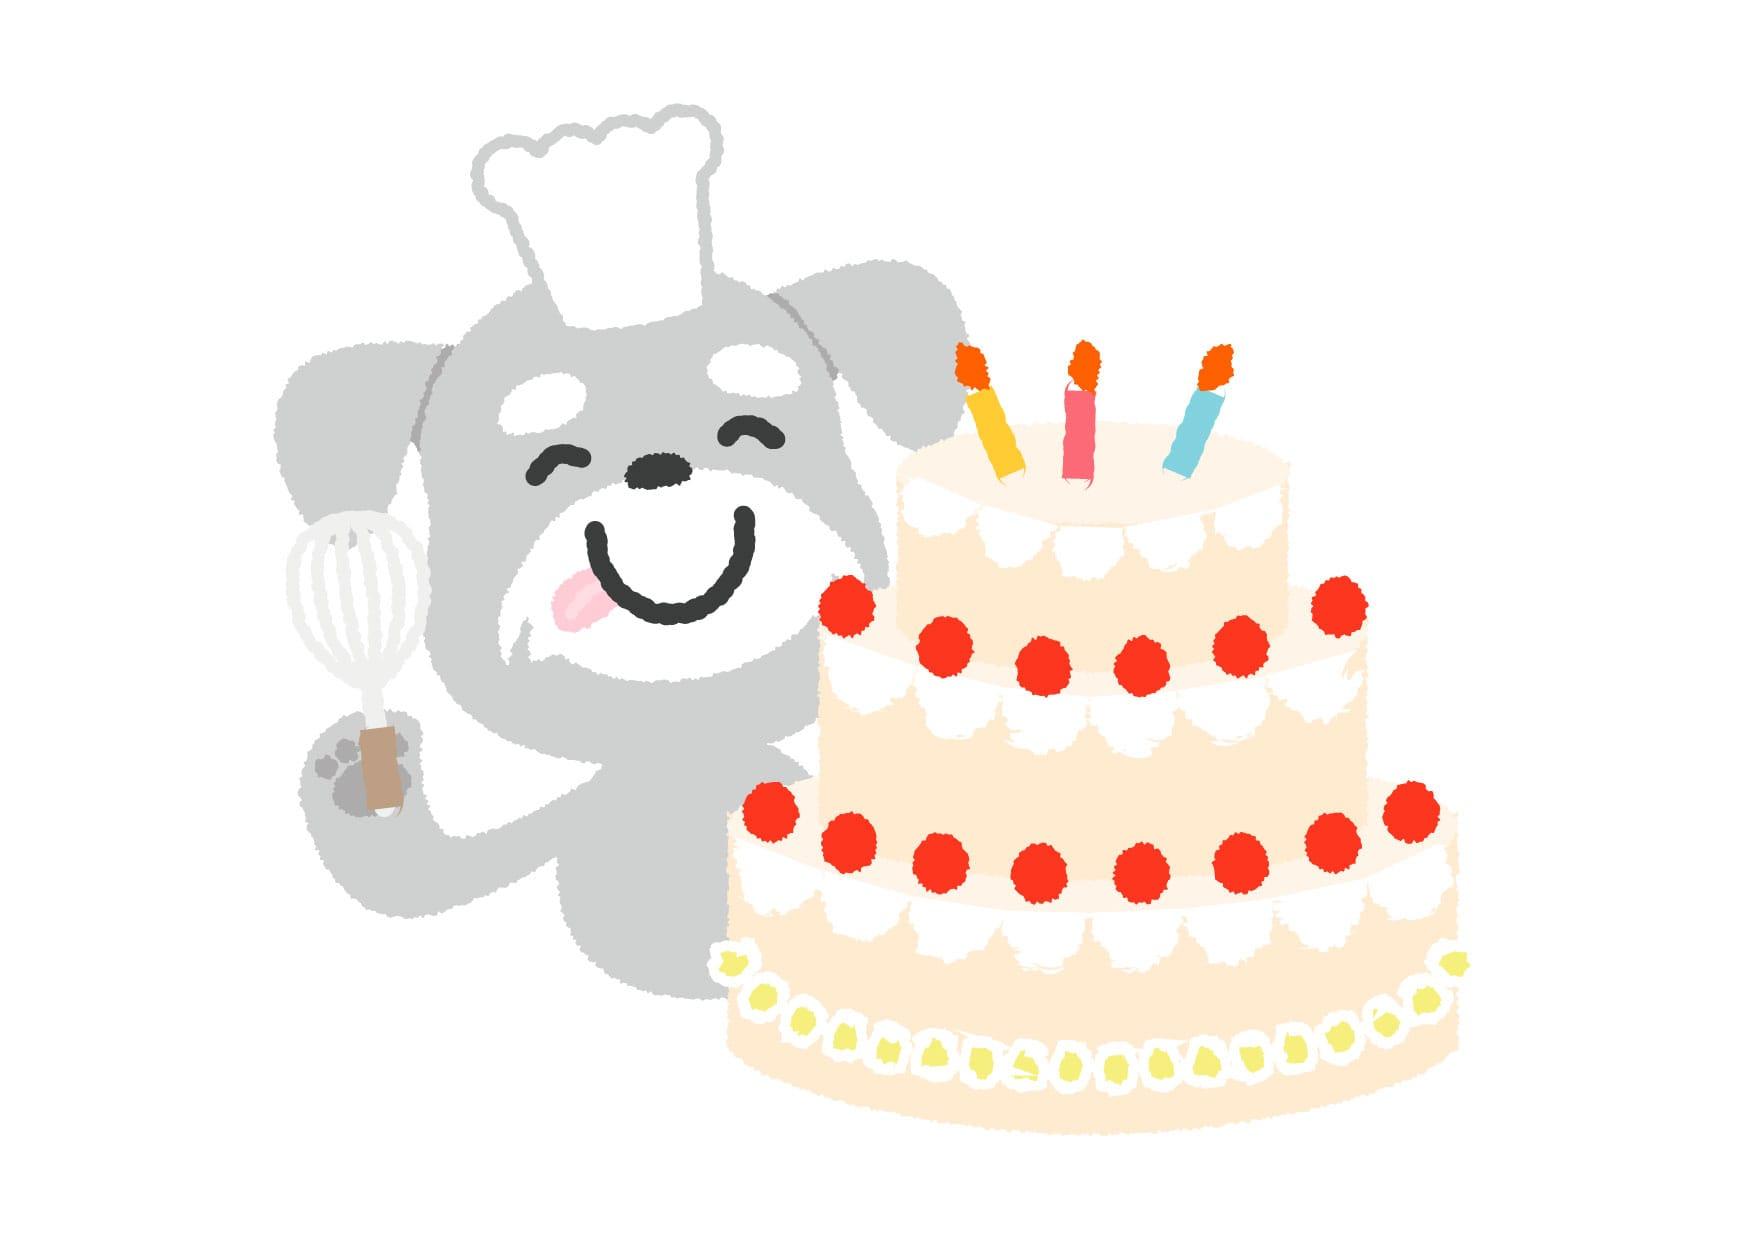 シュナウザー ケーキ イラスト 無料